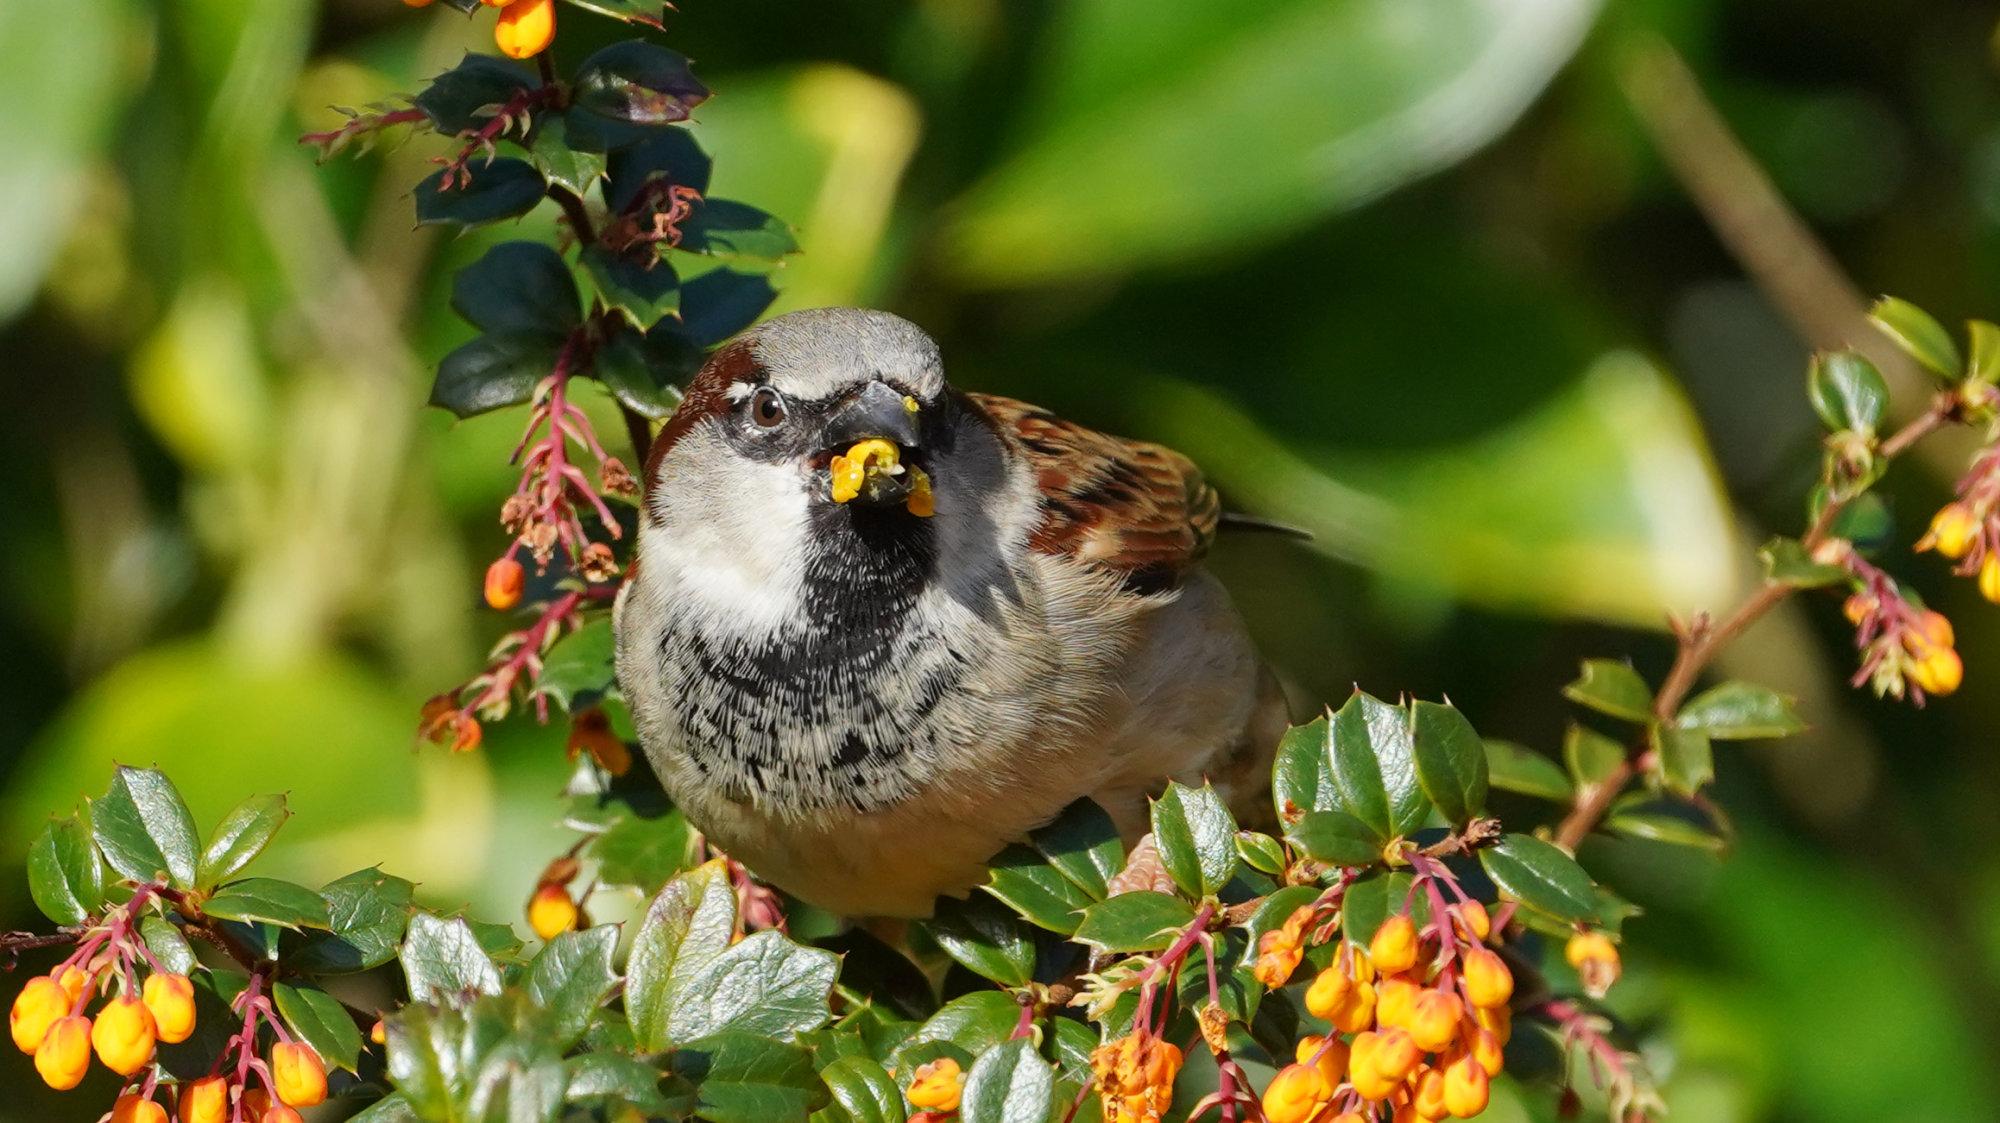 Feeding time for Sparrow.